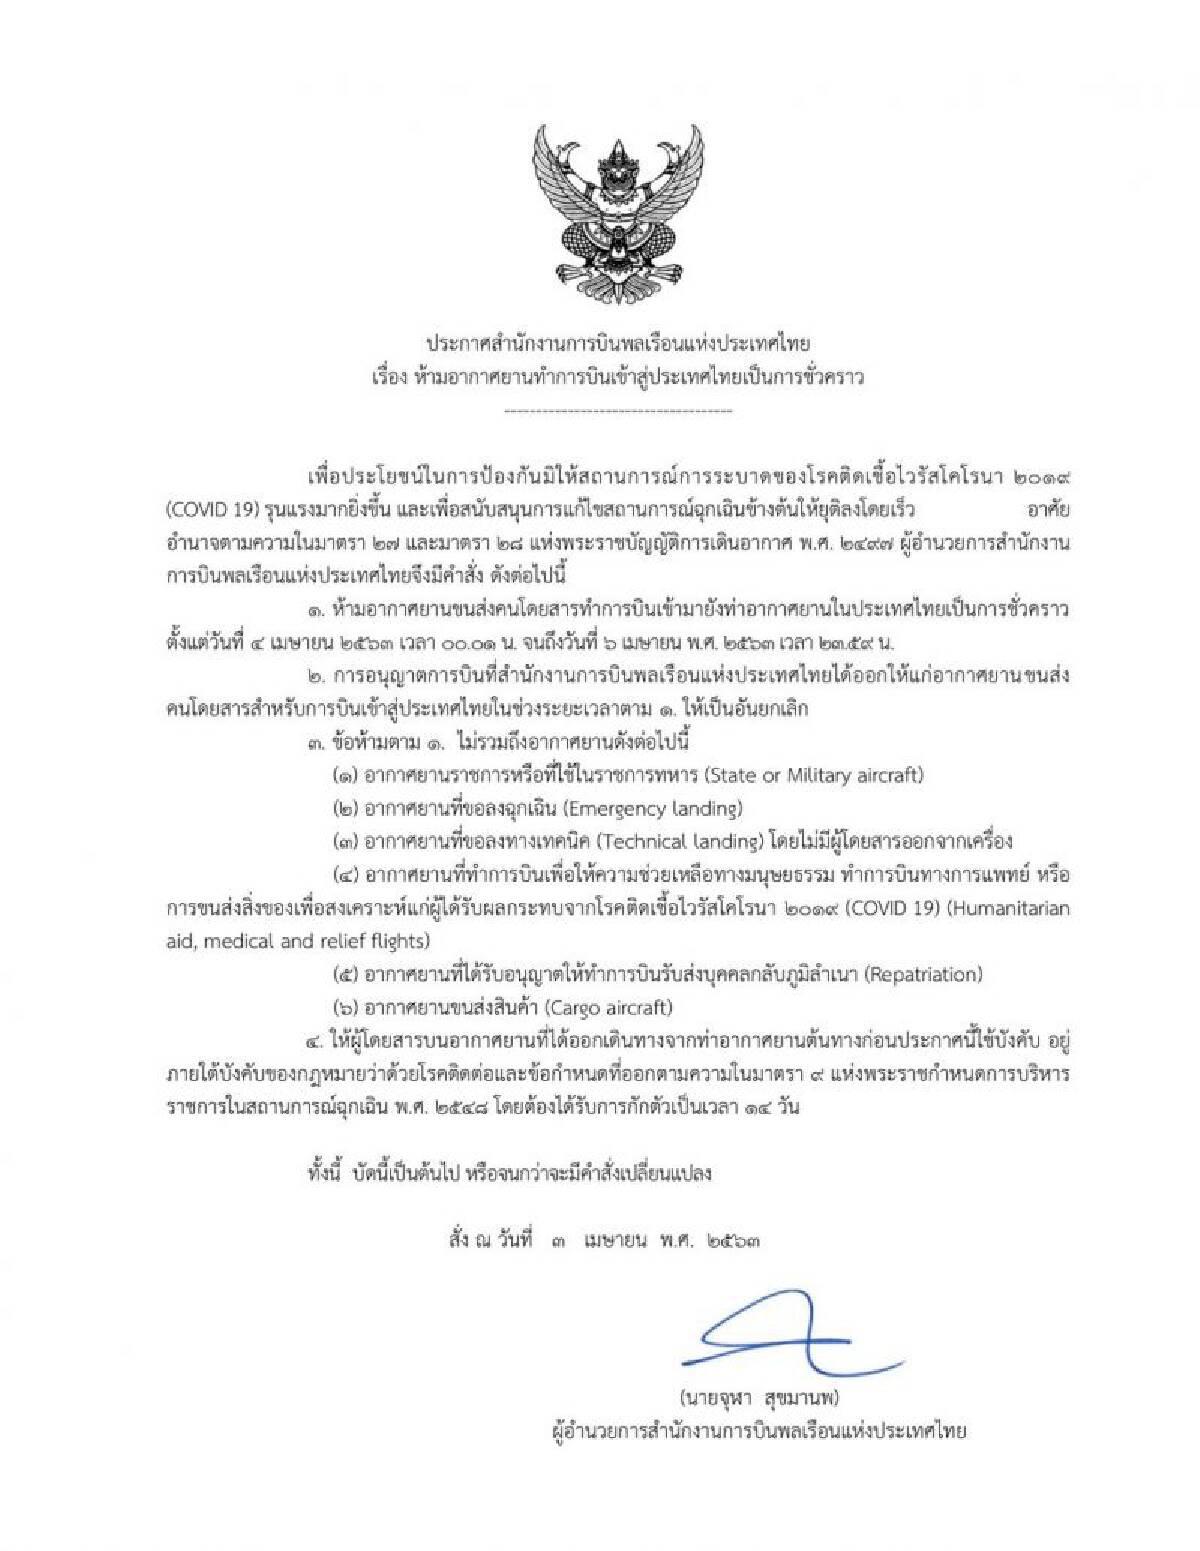 เด็ดขาด! ห้ามแอร์ไลน์บินเข้าไทย 3 วัน